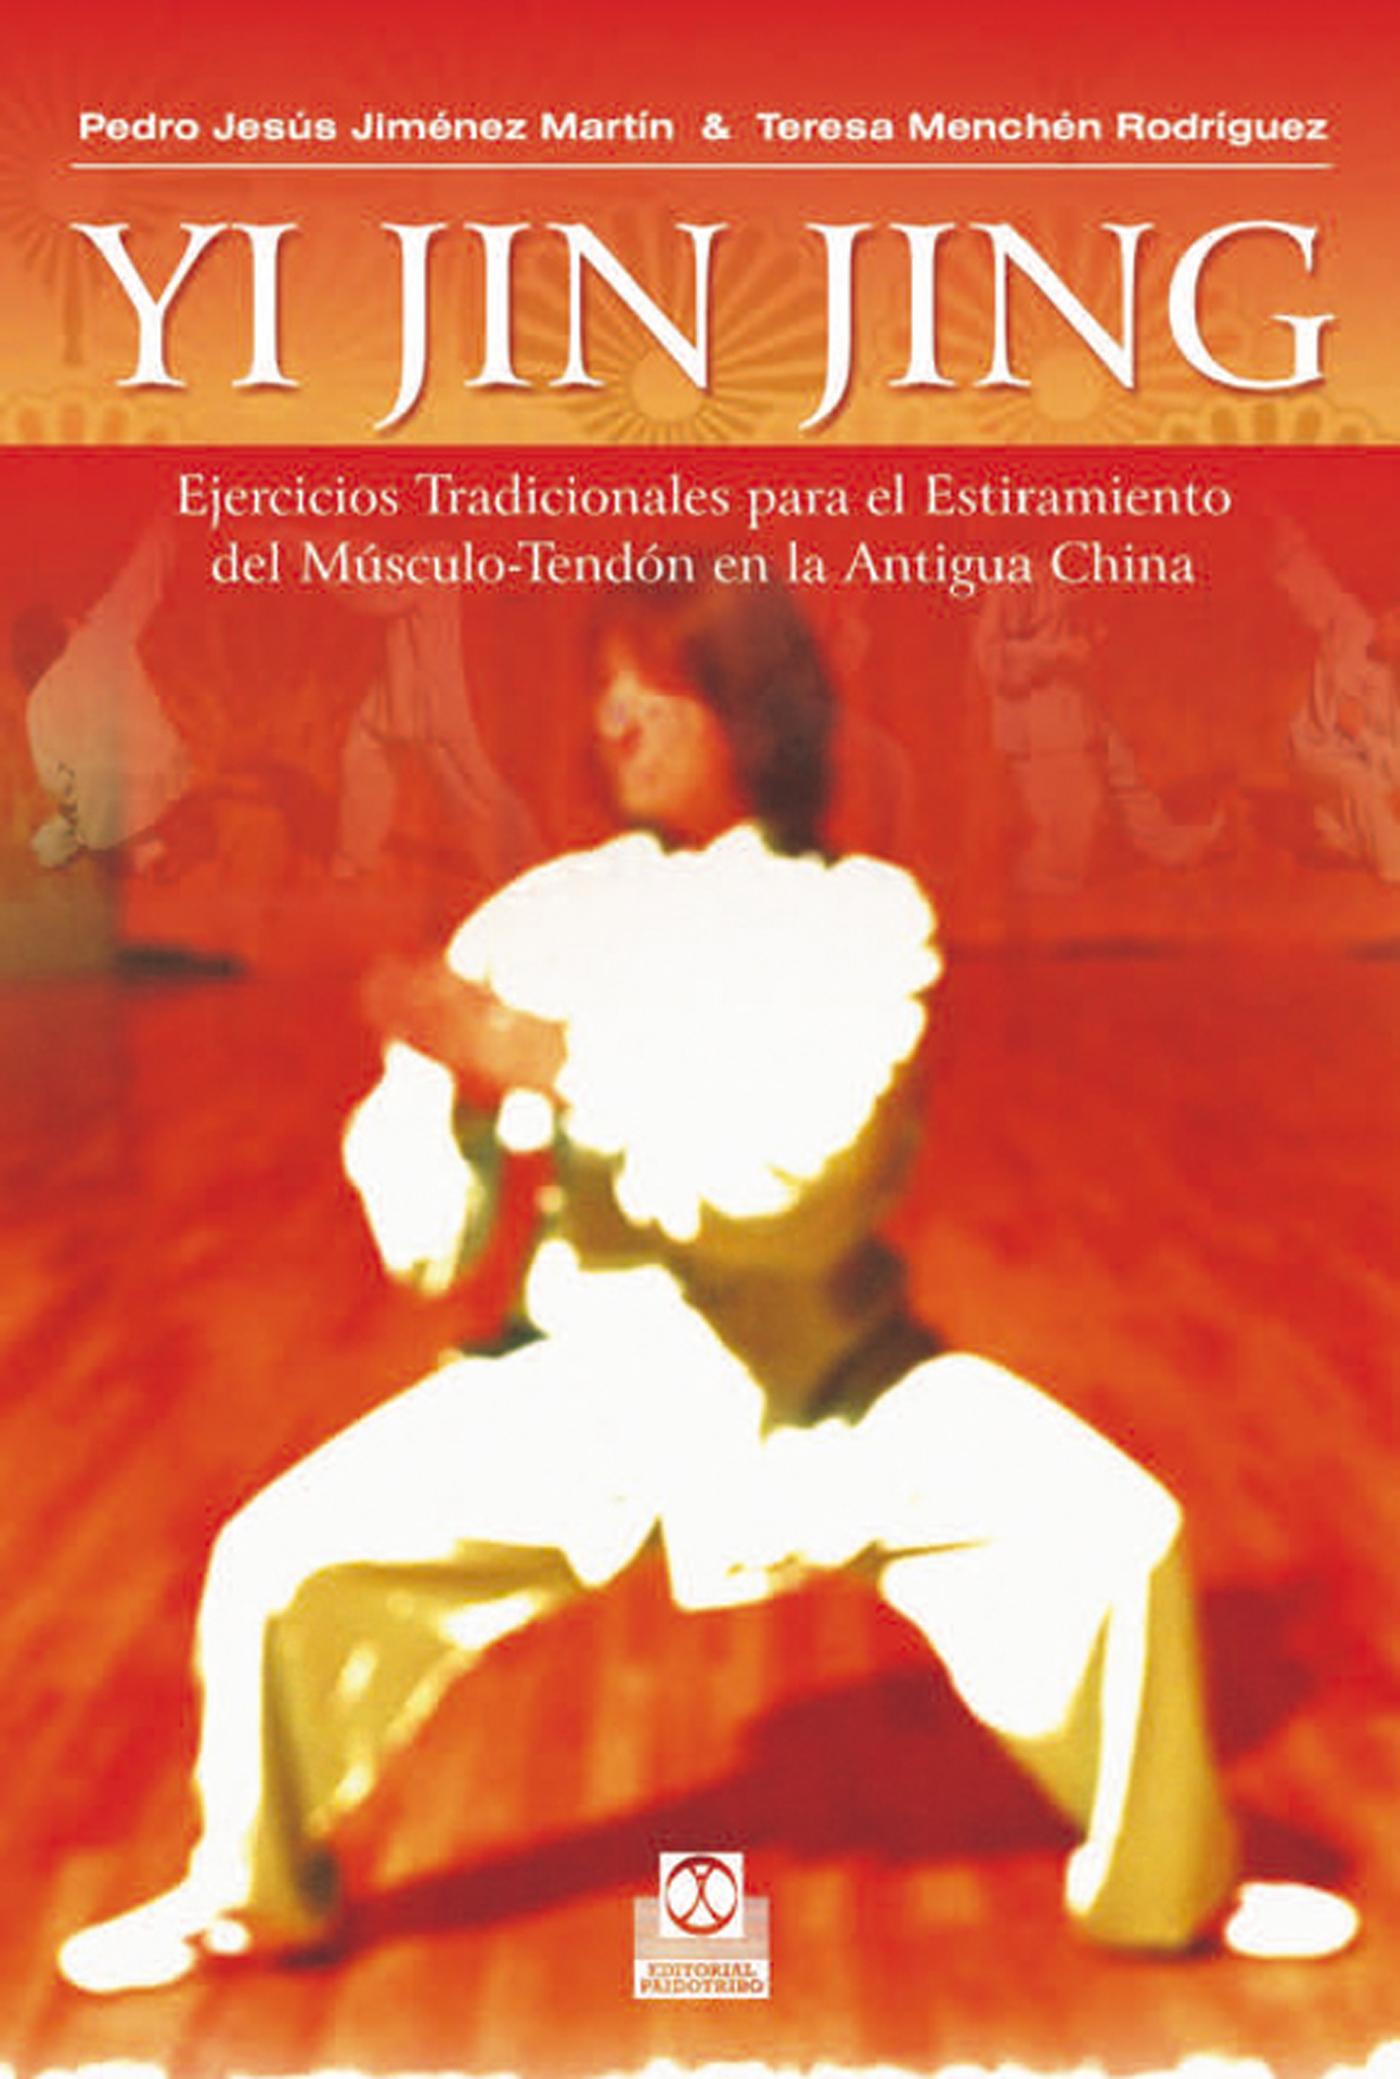 Teresa Menchén Rodríguez Yi jin jing michael krüger el dios detrás de la ventana